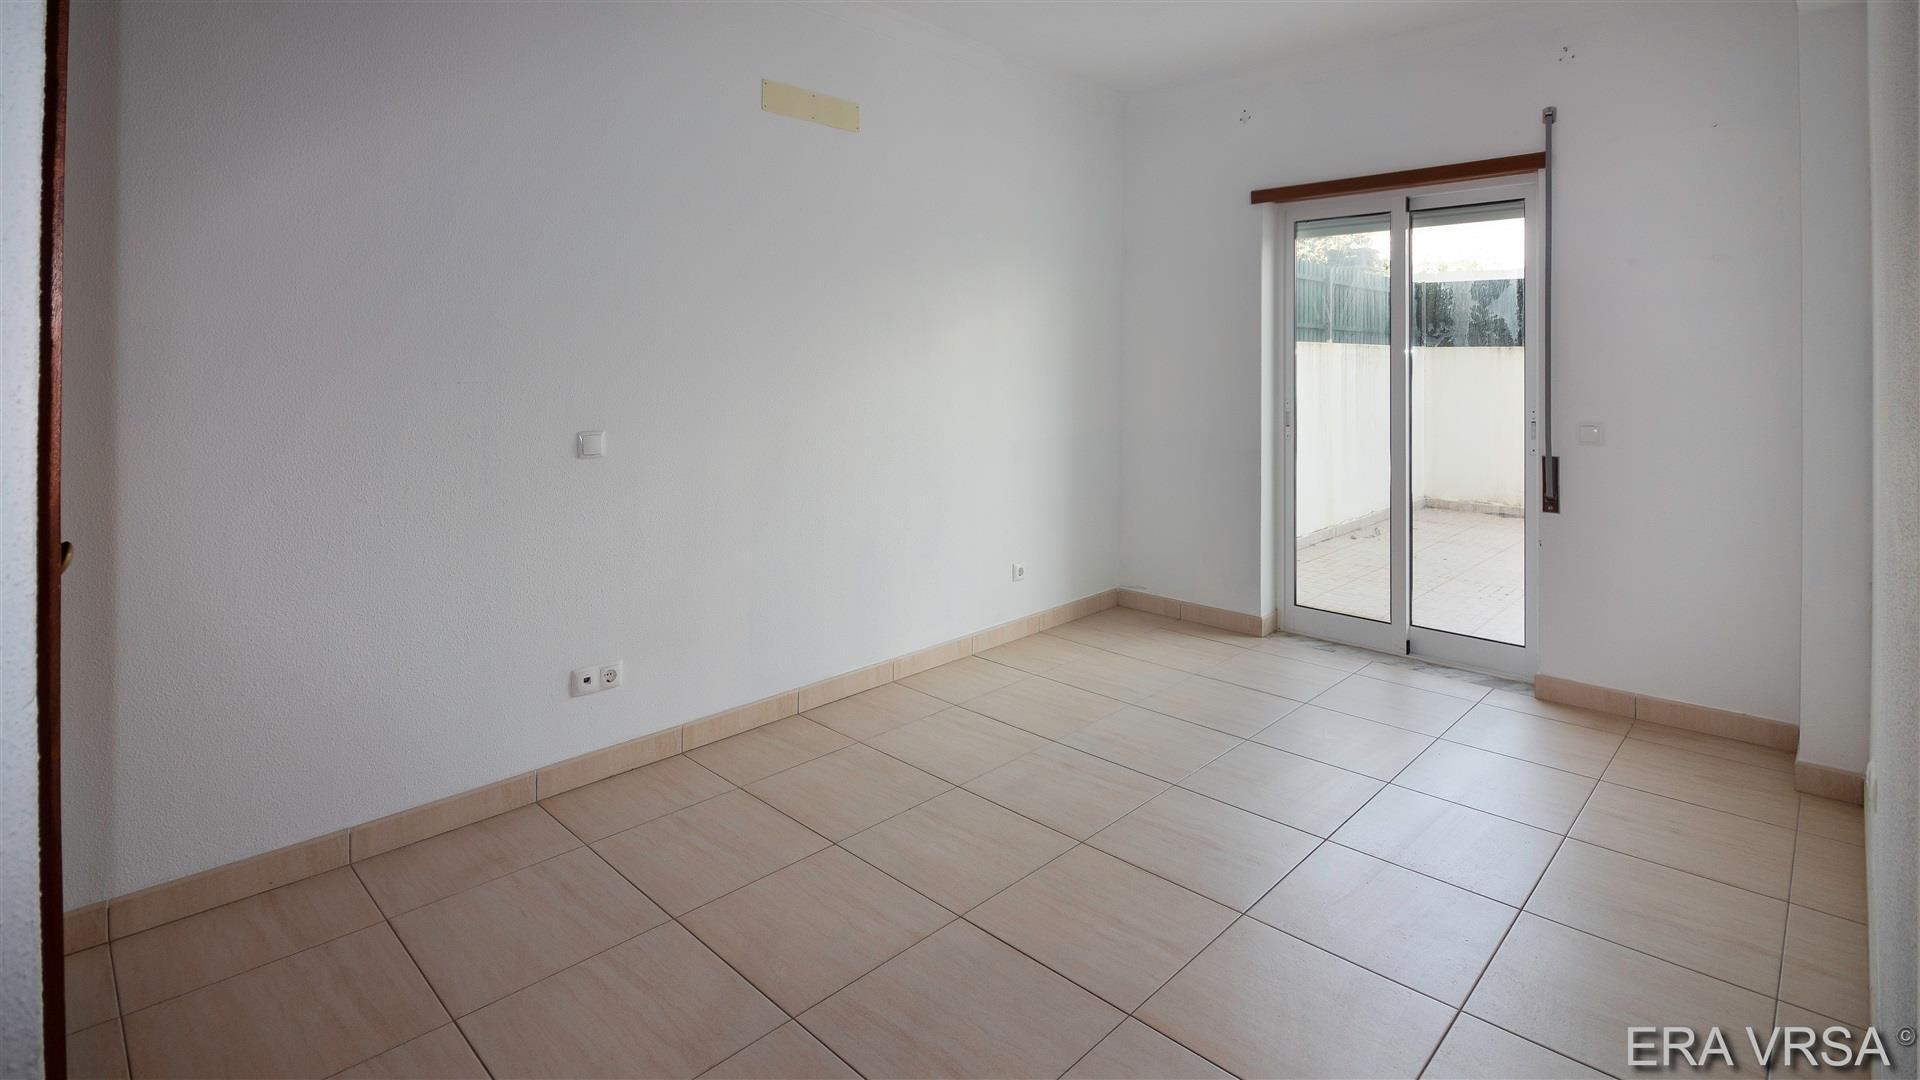 Apartamento  T3 para comprar - Algarve, , Vila Real de Santo António